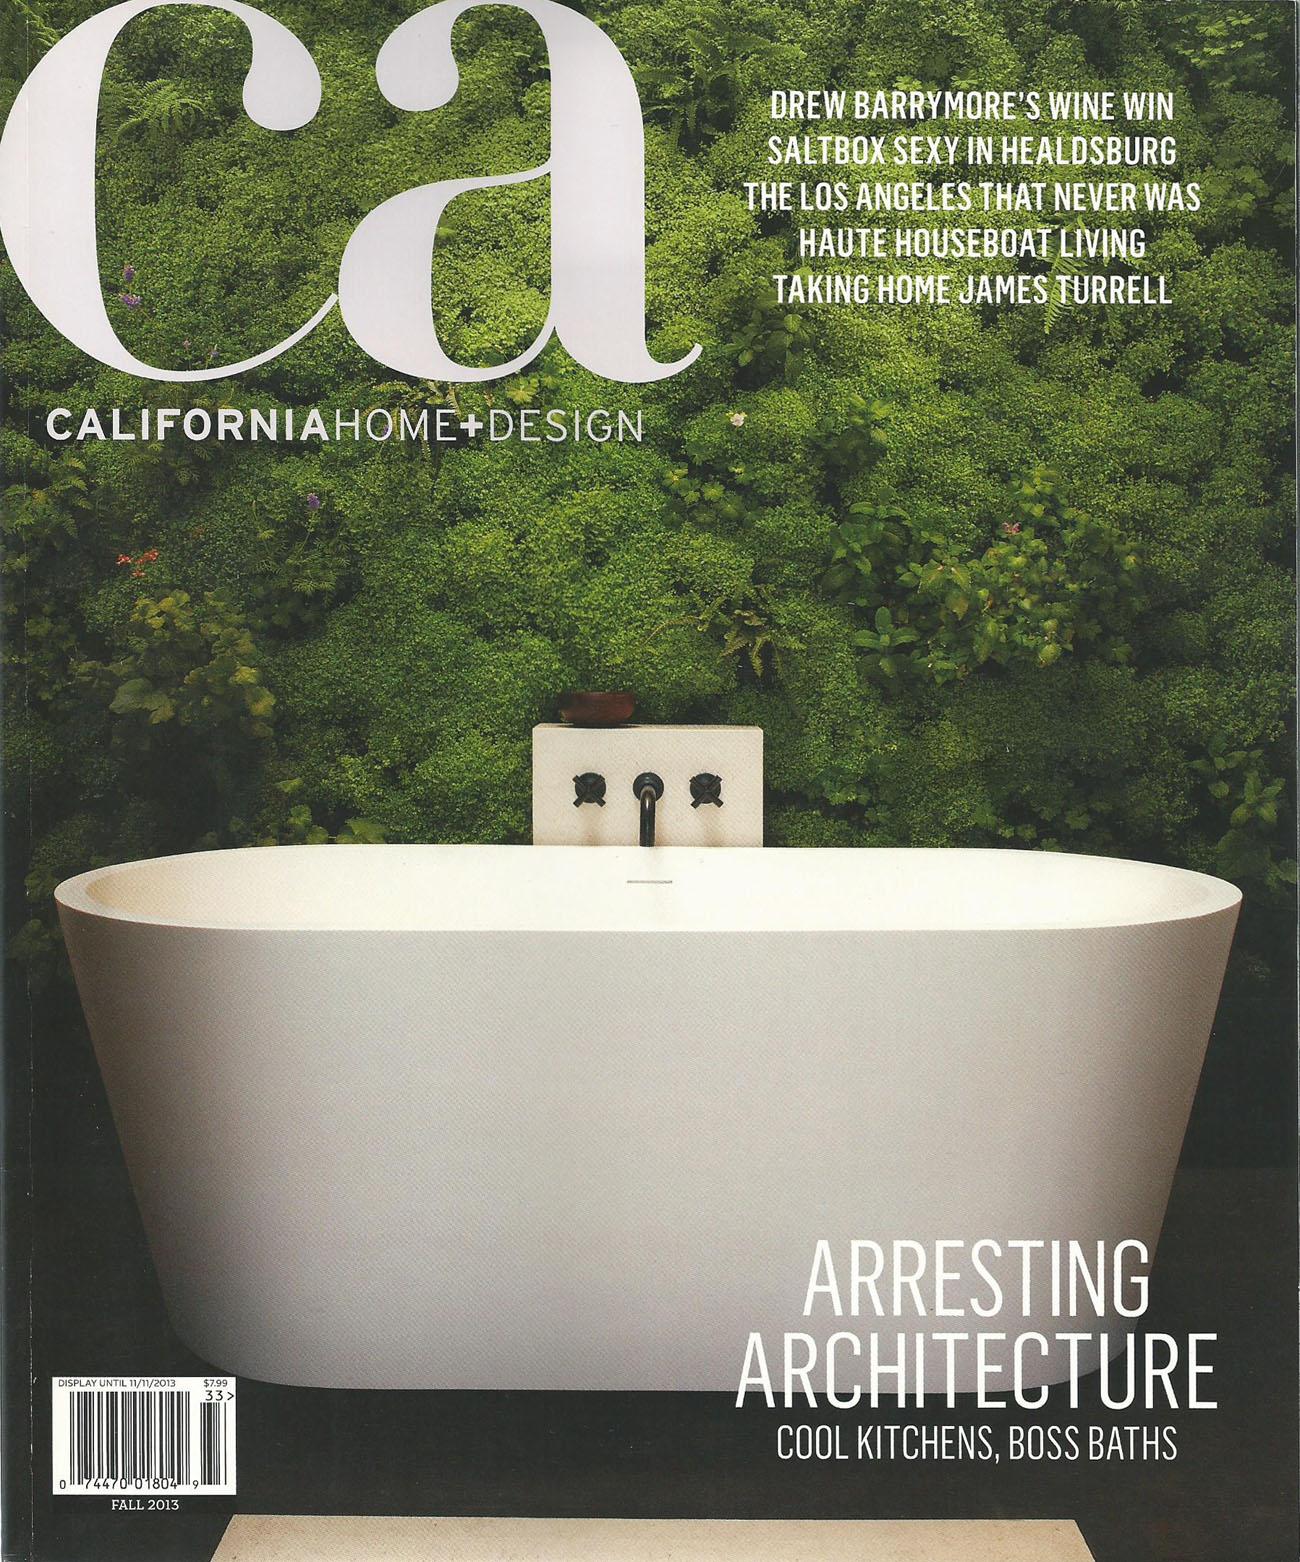 2013_september_californiahome and design_cover copy